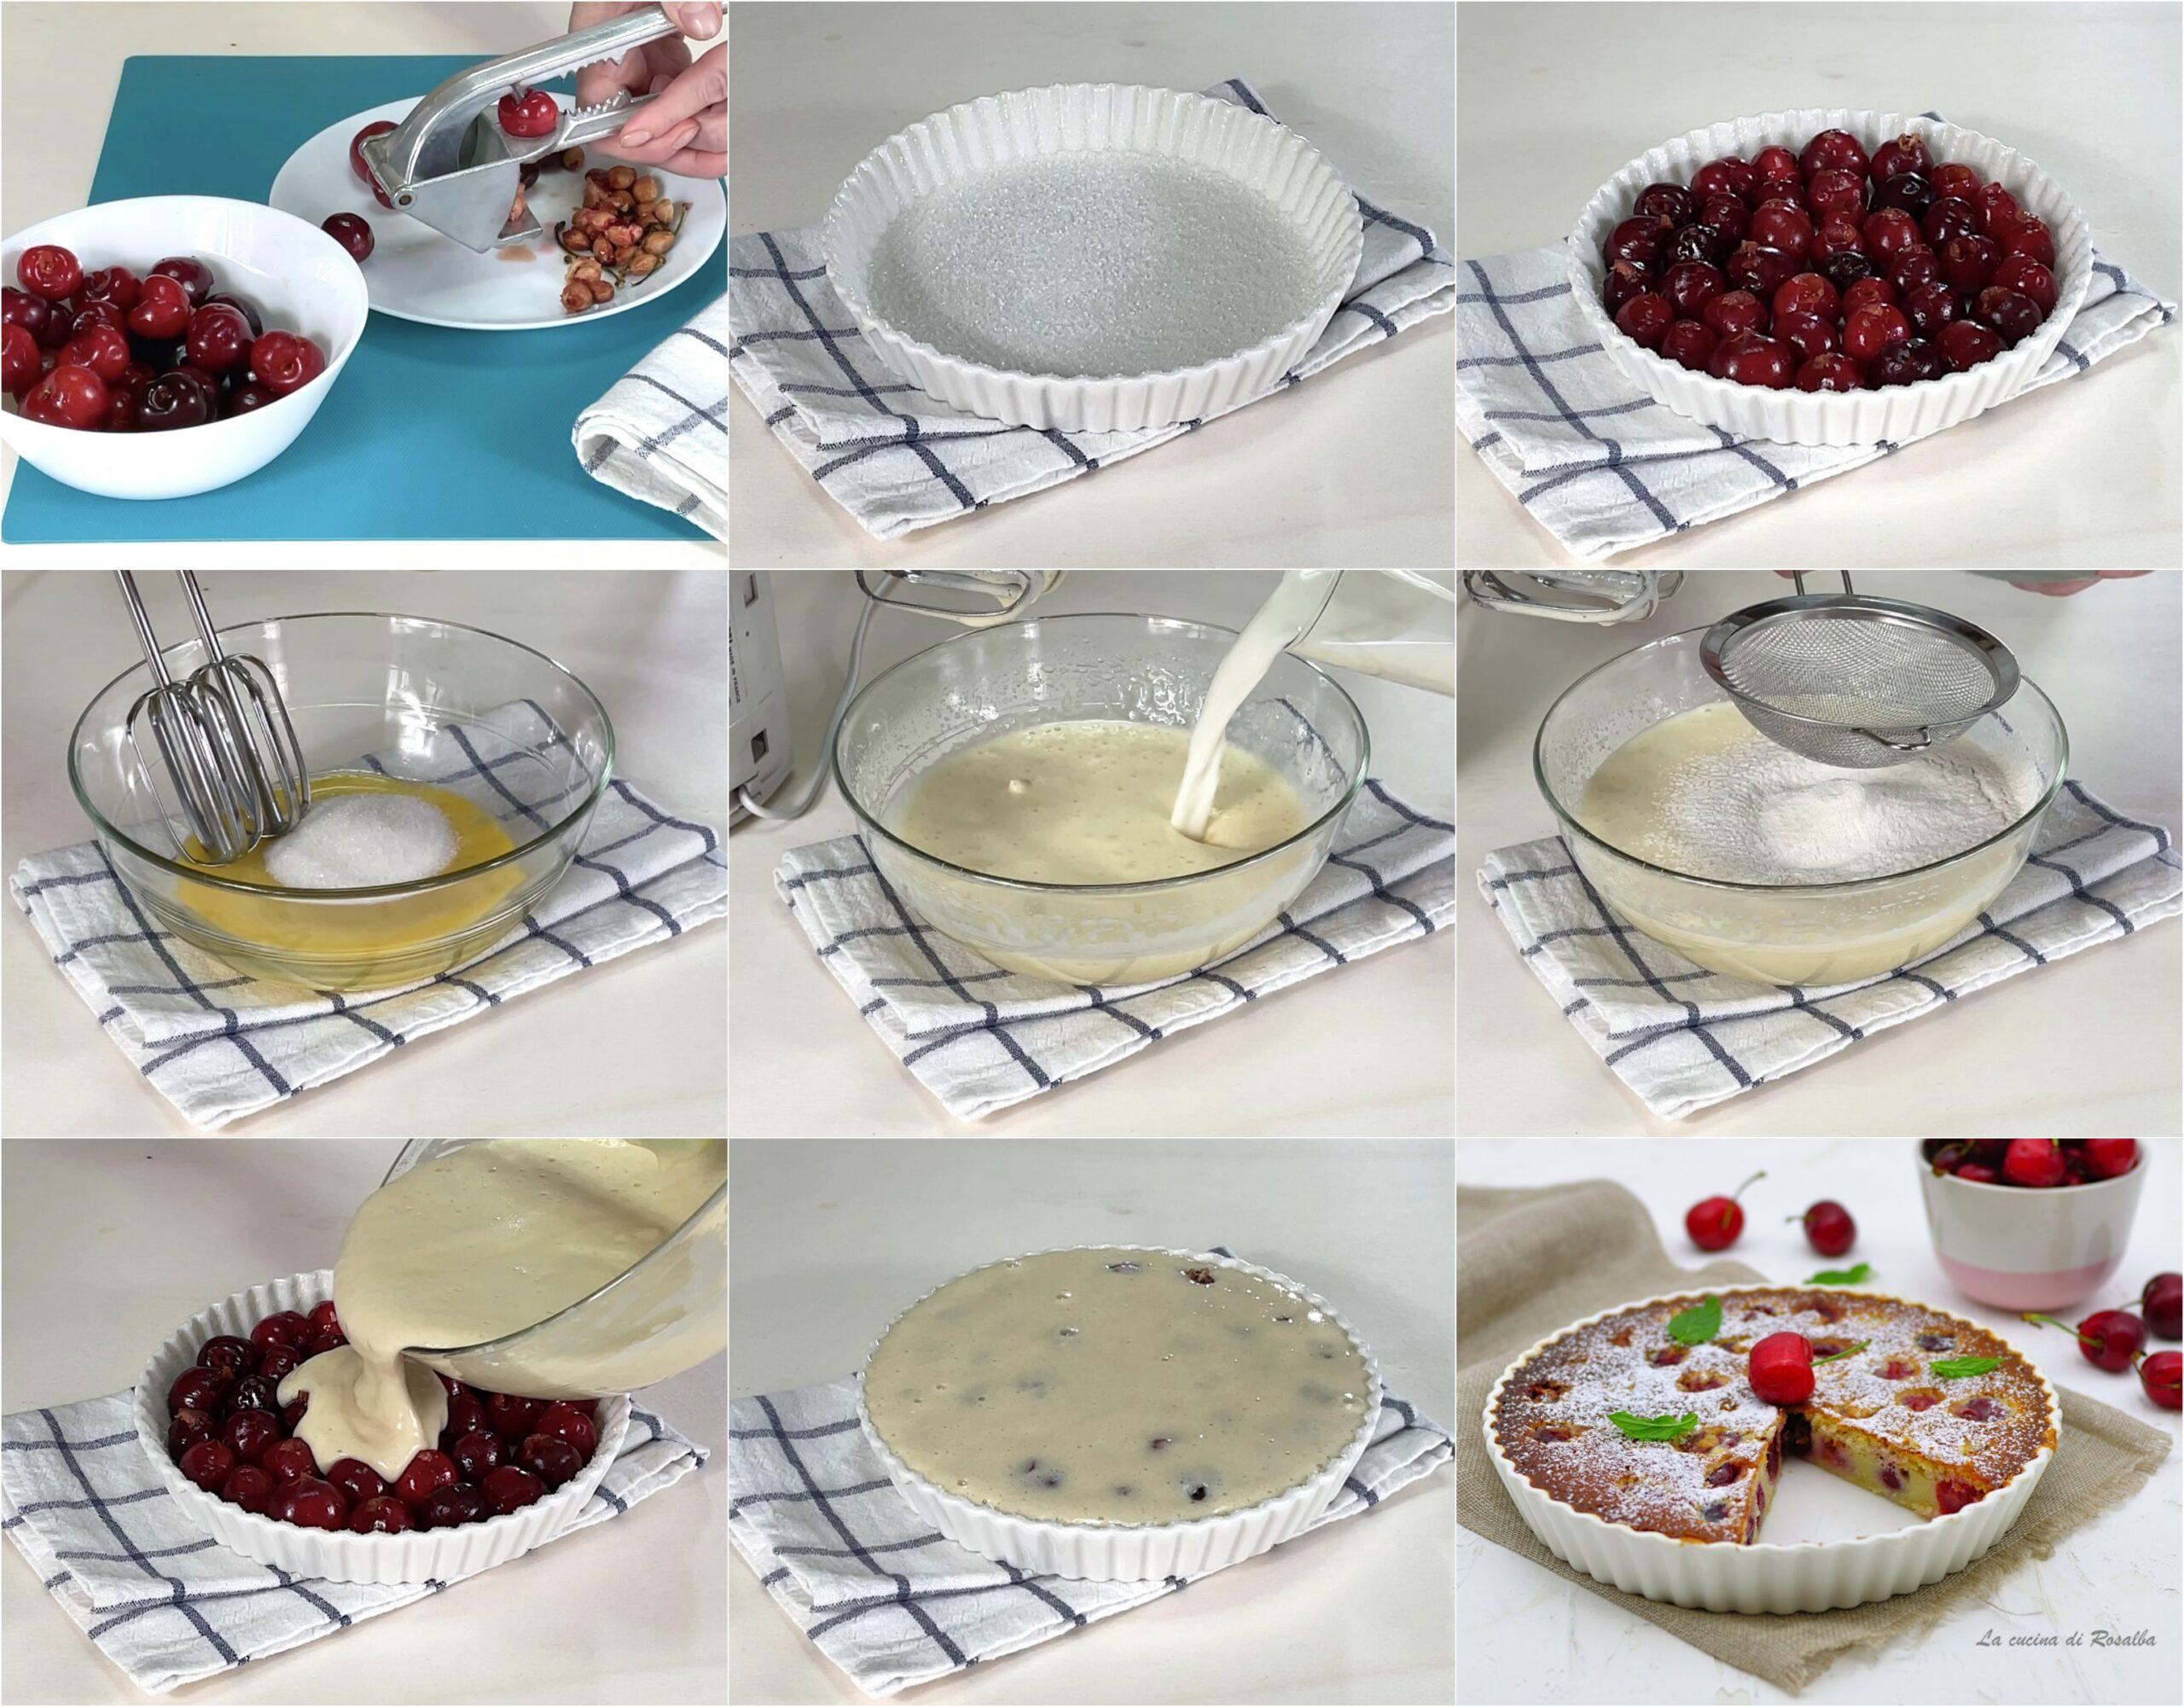 come fare cafloutis alle ciliegie, ricetta e foto